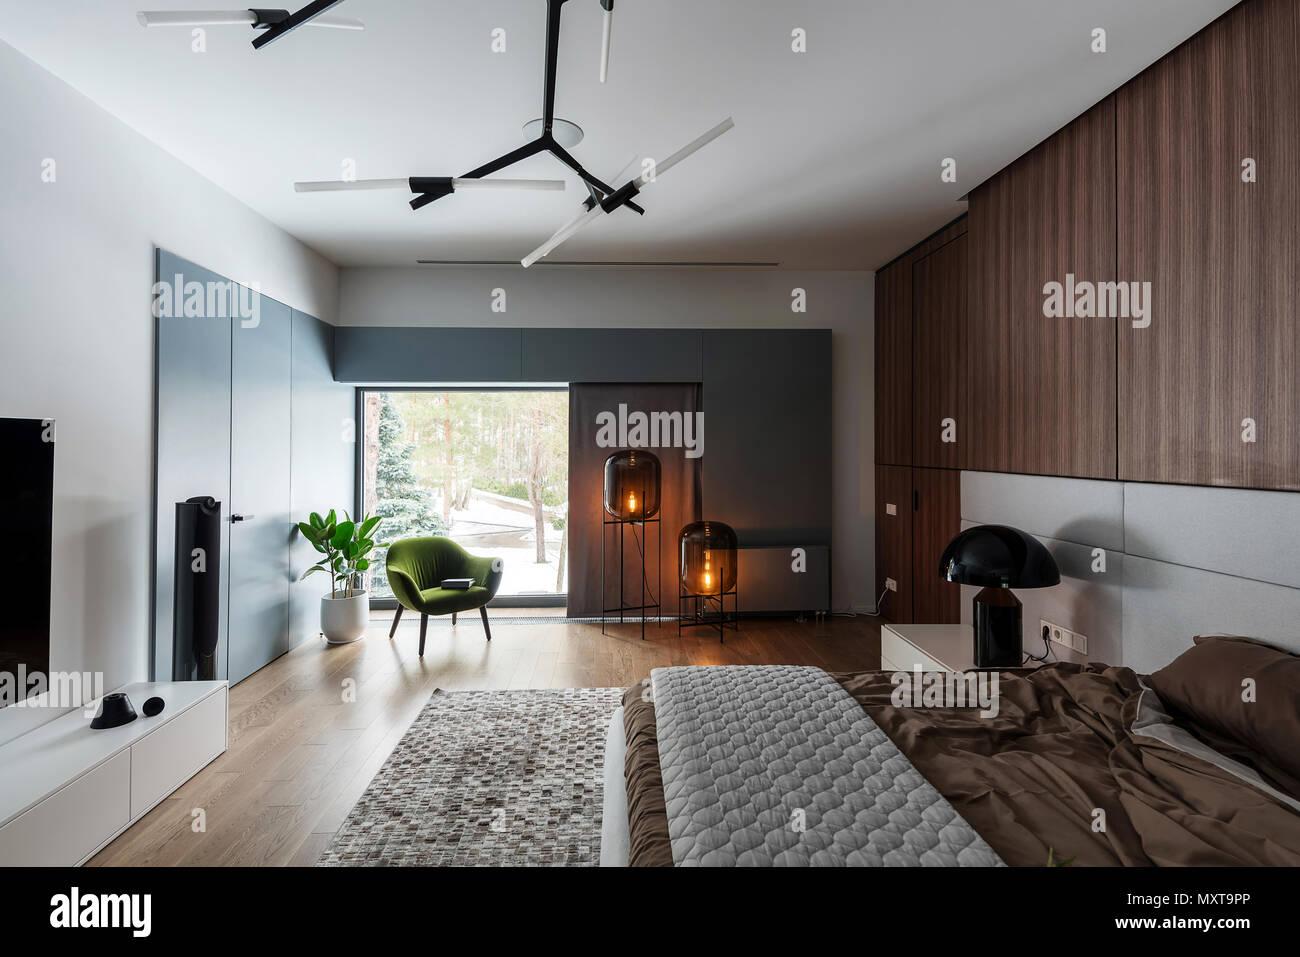 Modernes Schlafzimmer Mit Weißen Wänden Und Einem Parkettboden Mit